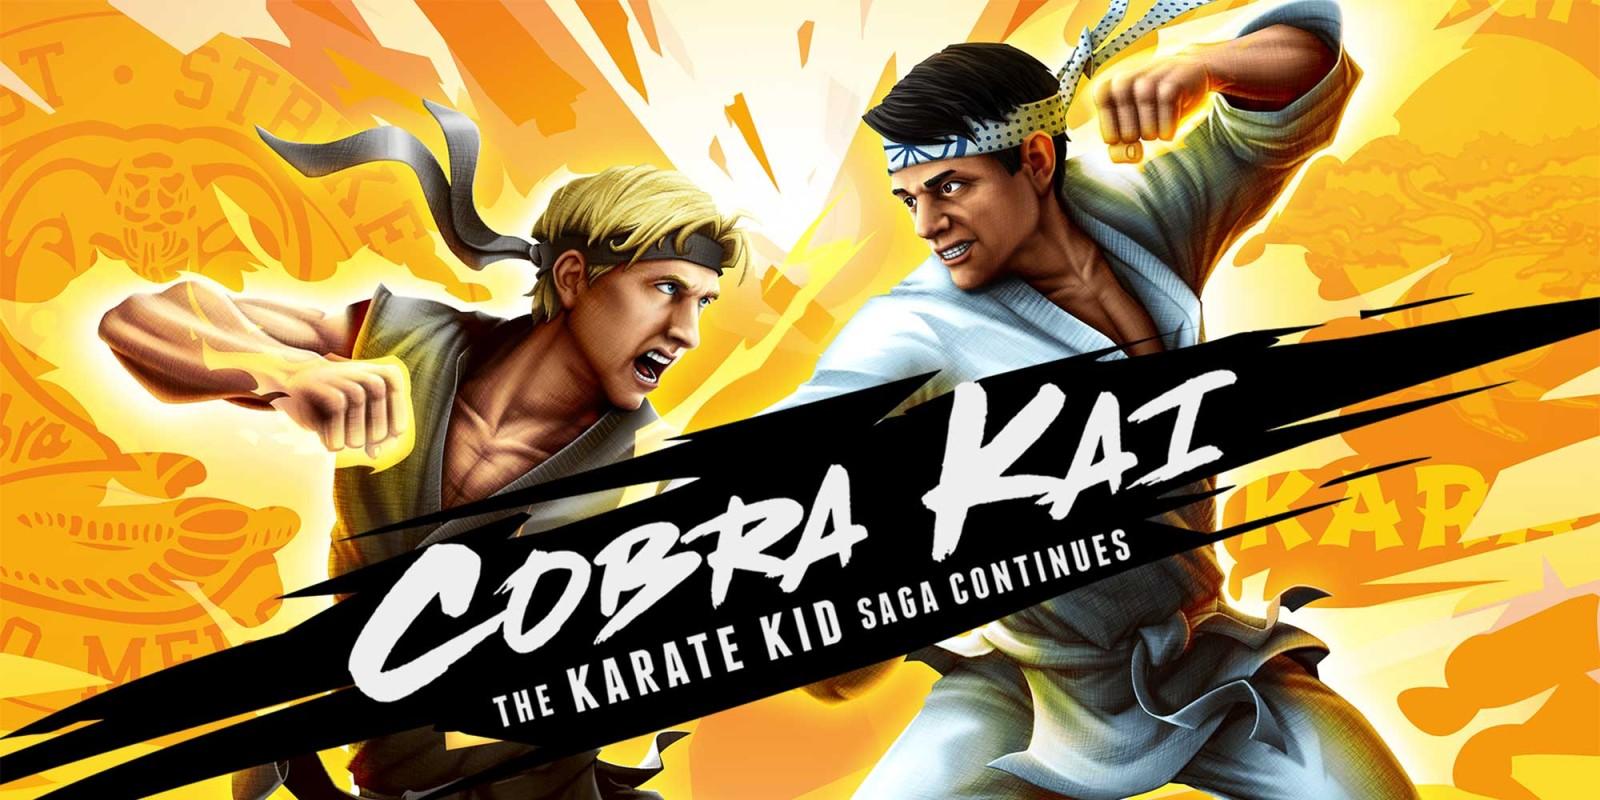 Cobra Kai- Kicking Up the Nostalgia